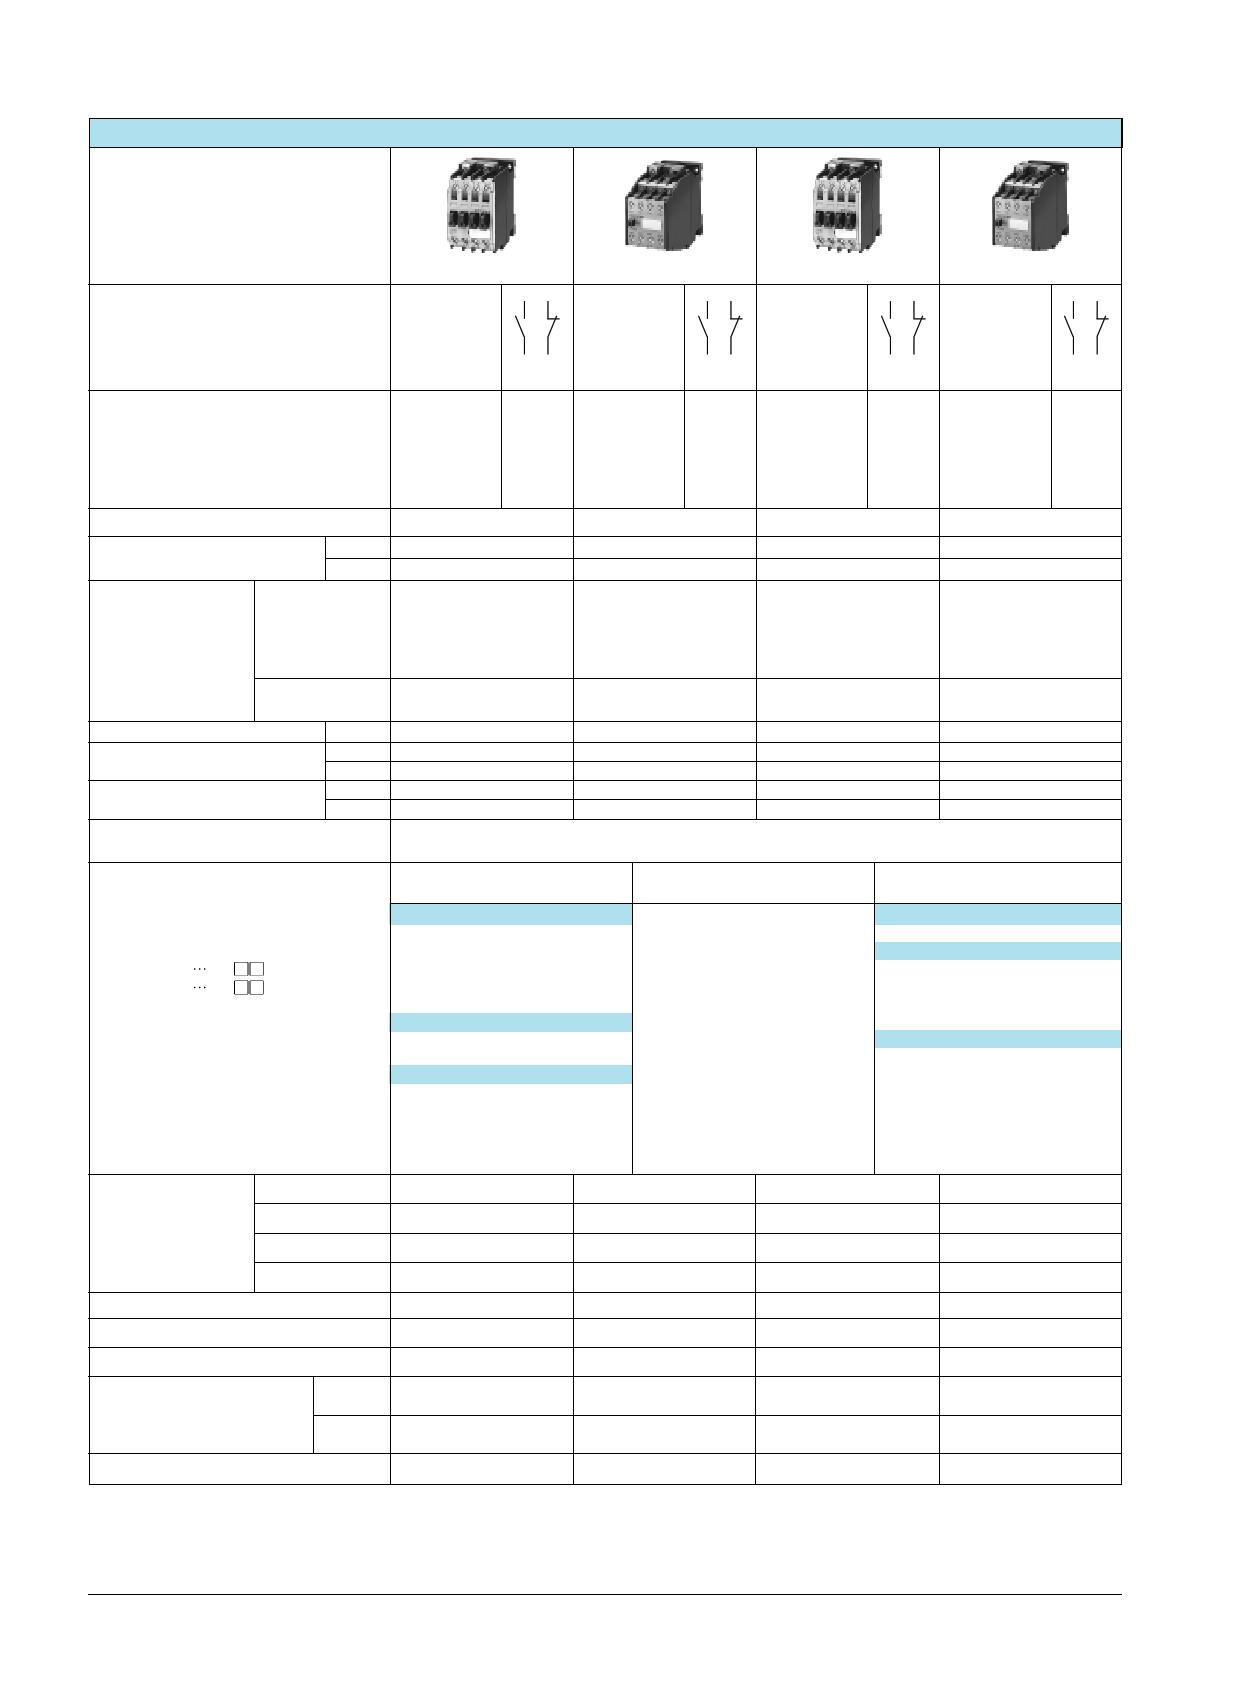 3TF44 Datenblatt PDF